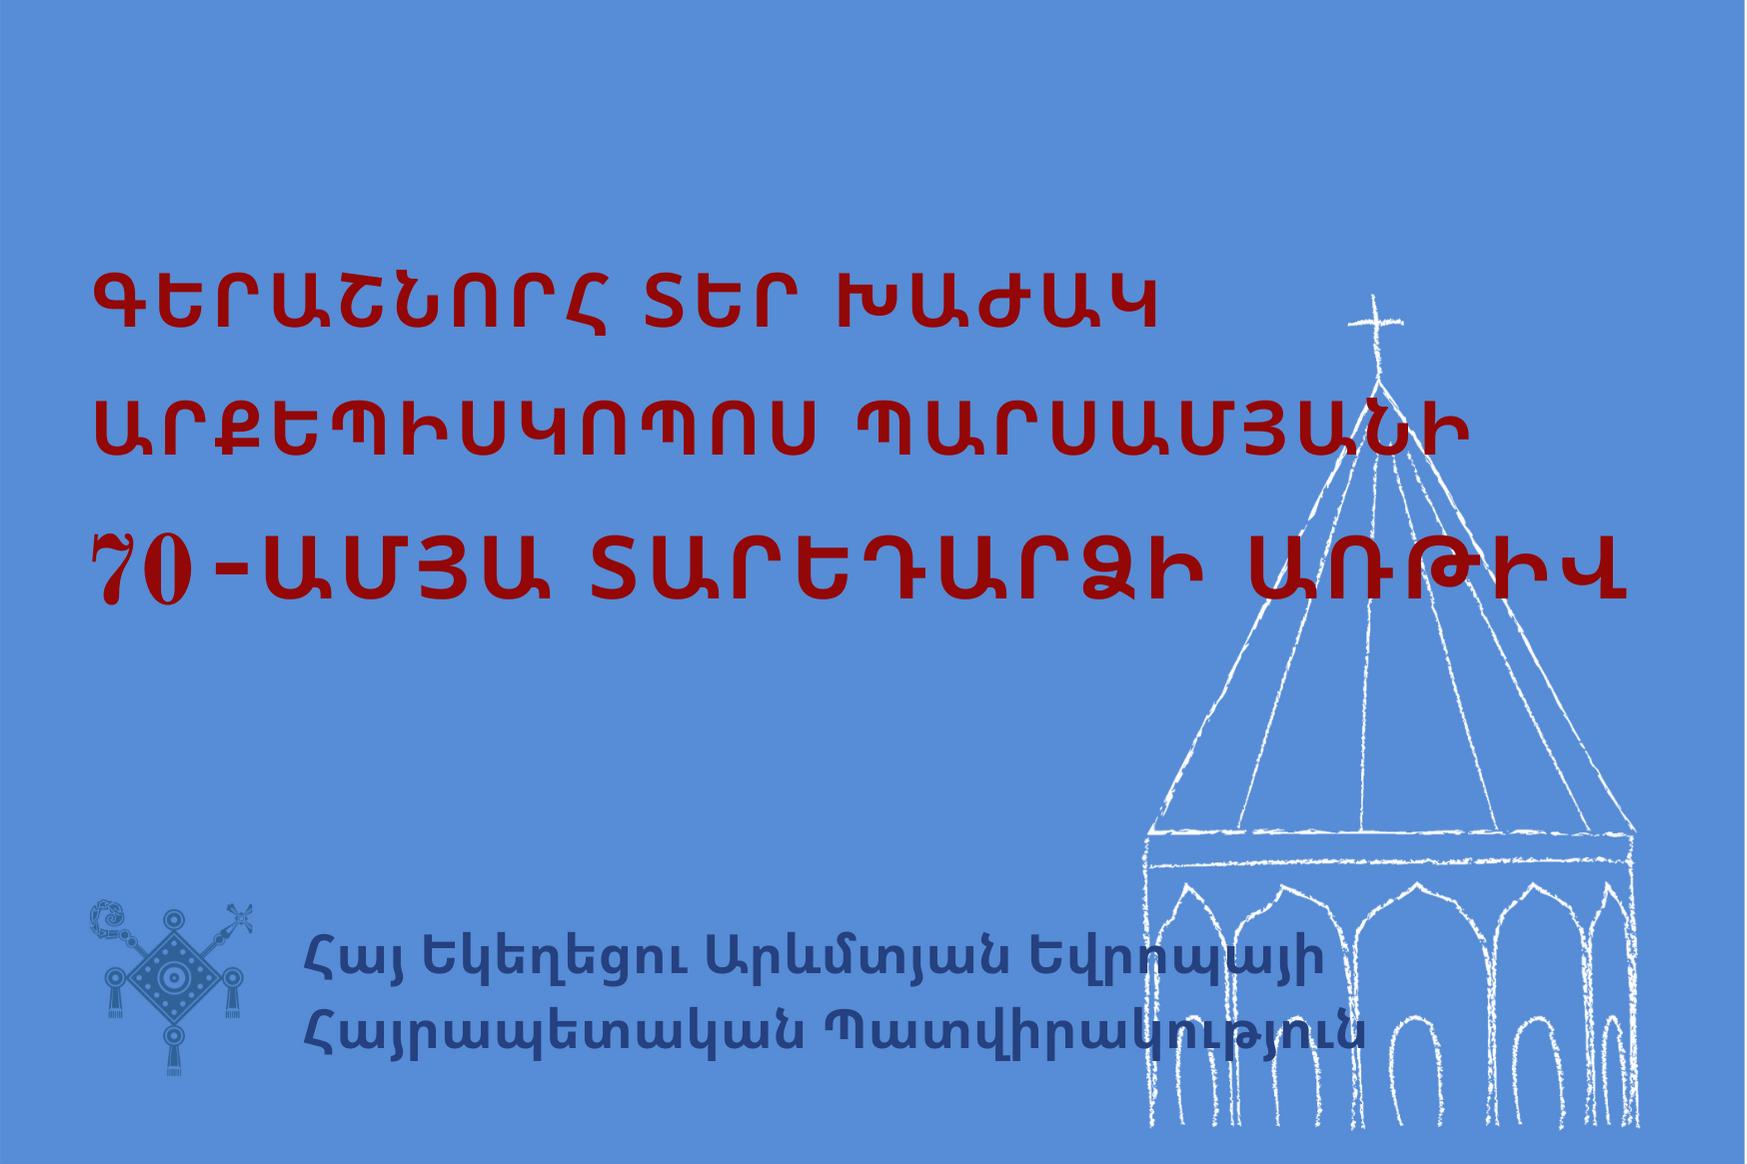 Արևմտյան Եվրոպայի հոգևոր հովիվների մաղթանքները